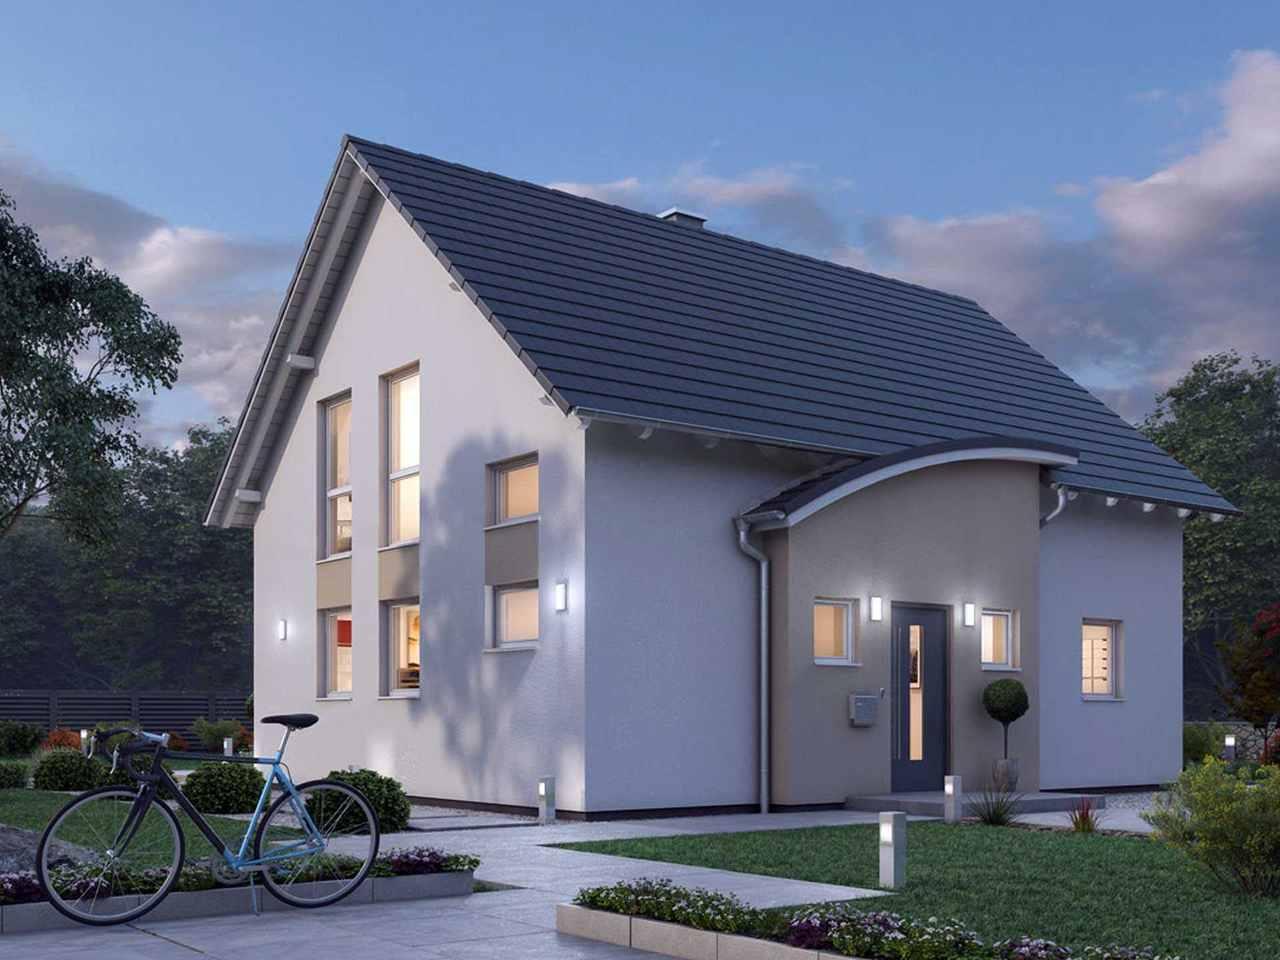 Einfamilienhaus 124 - Ytong Bausatzhaus